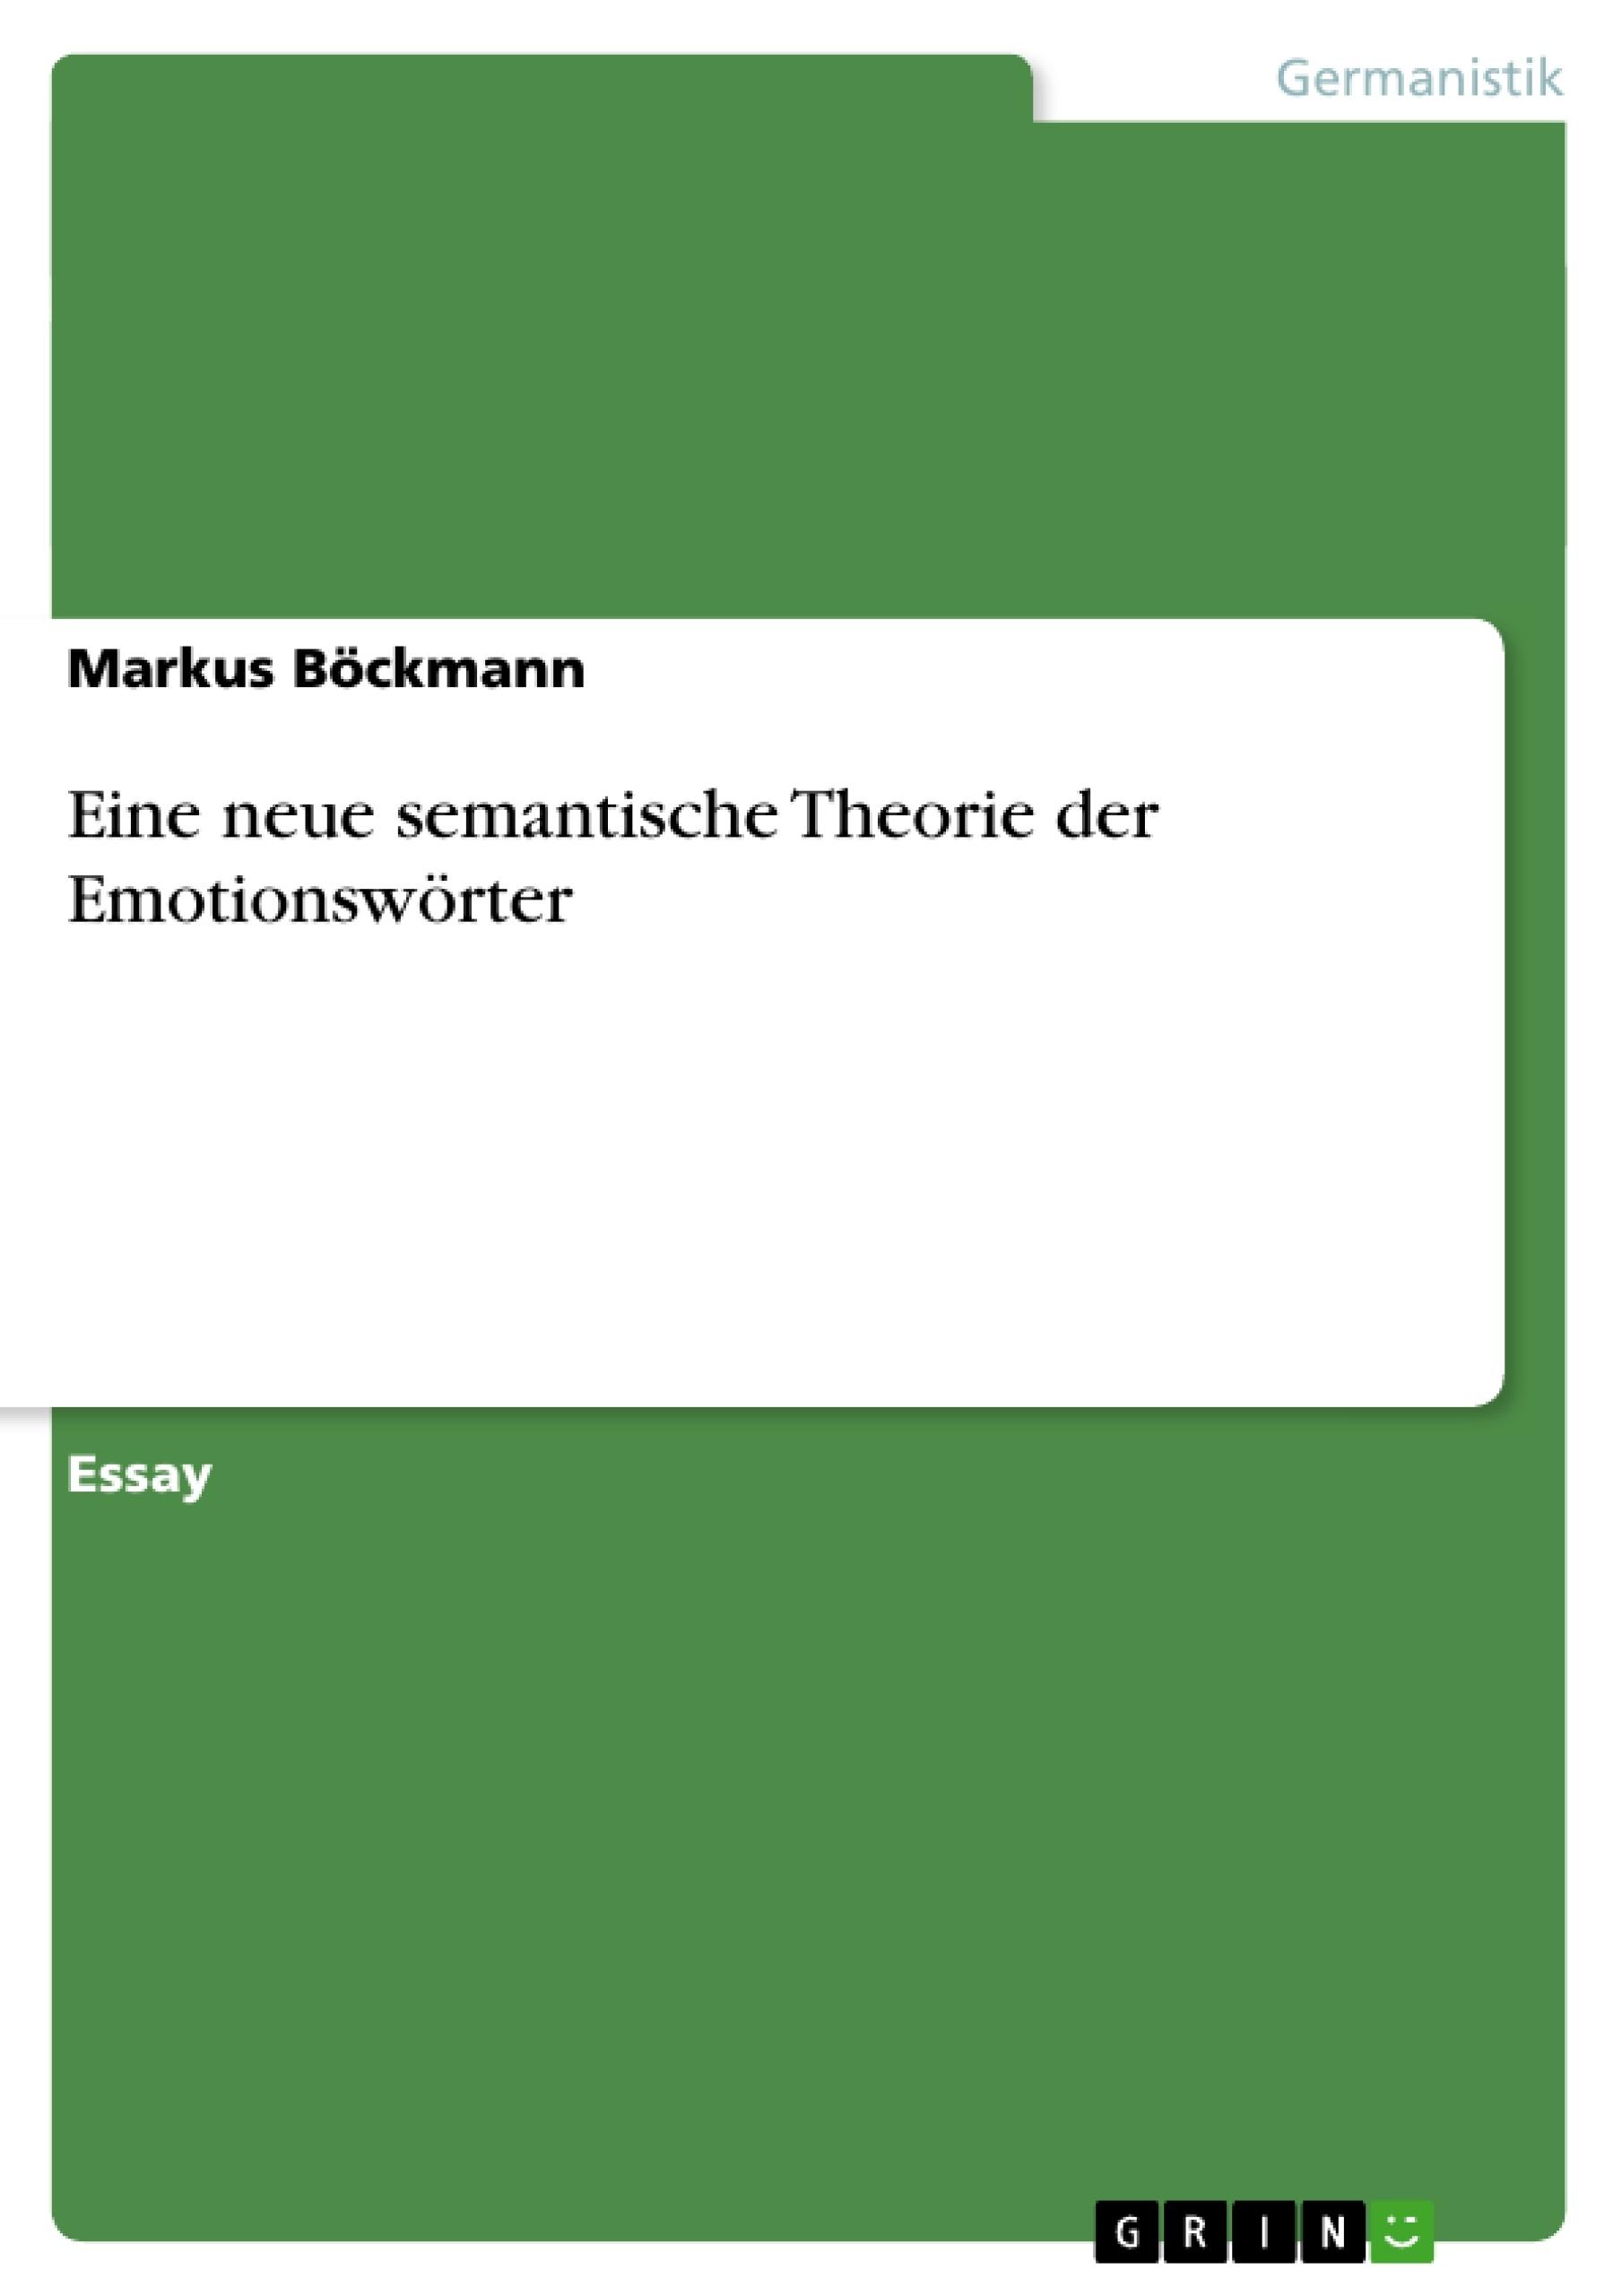 Titel: Eine neue semantische Theorie der Emotionswörter